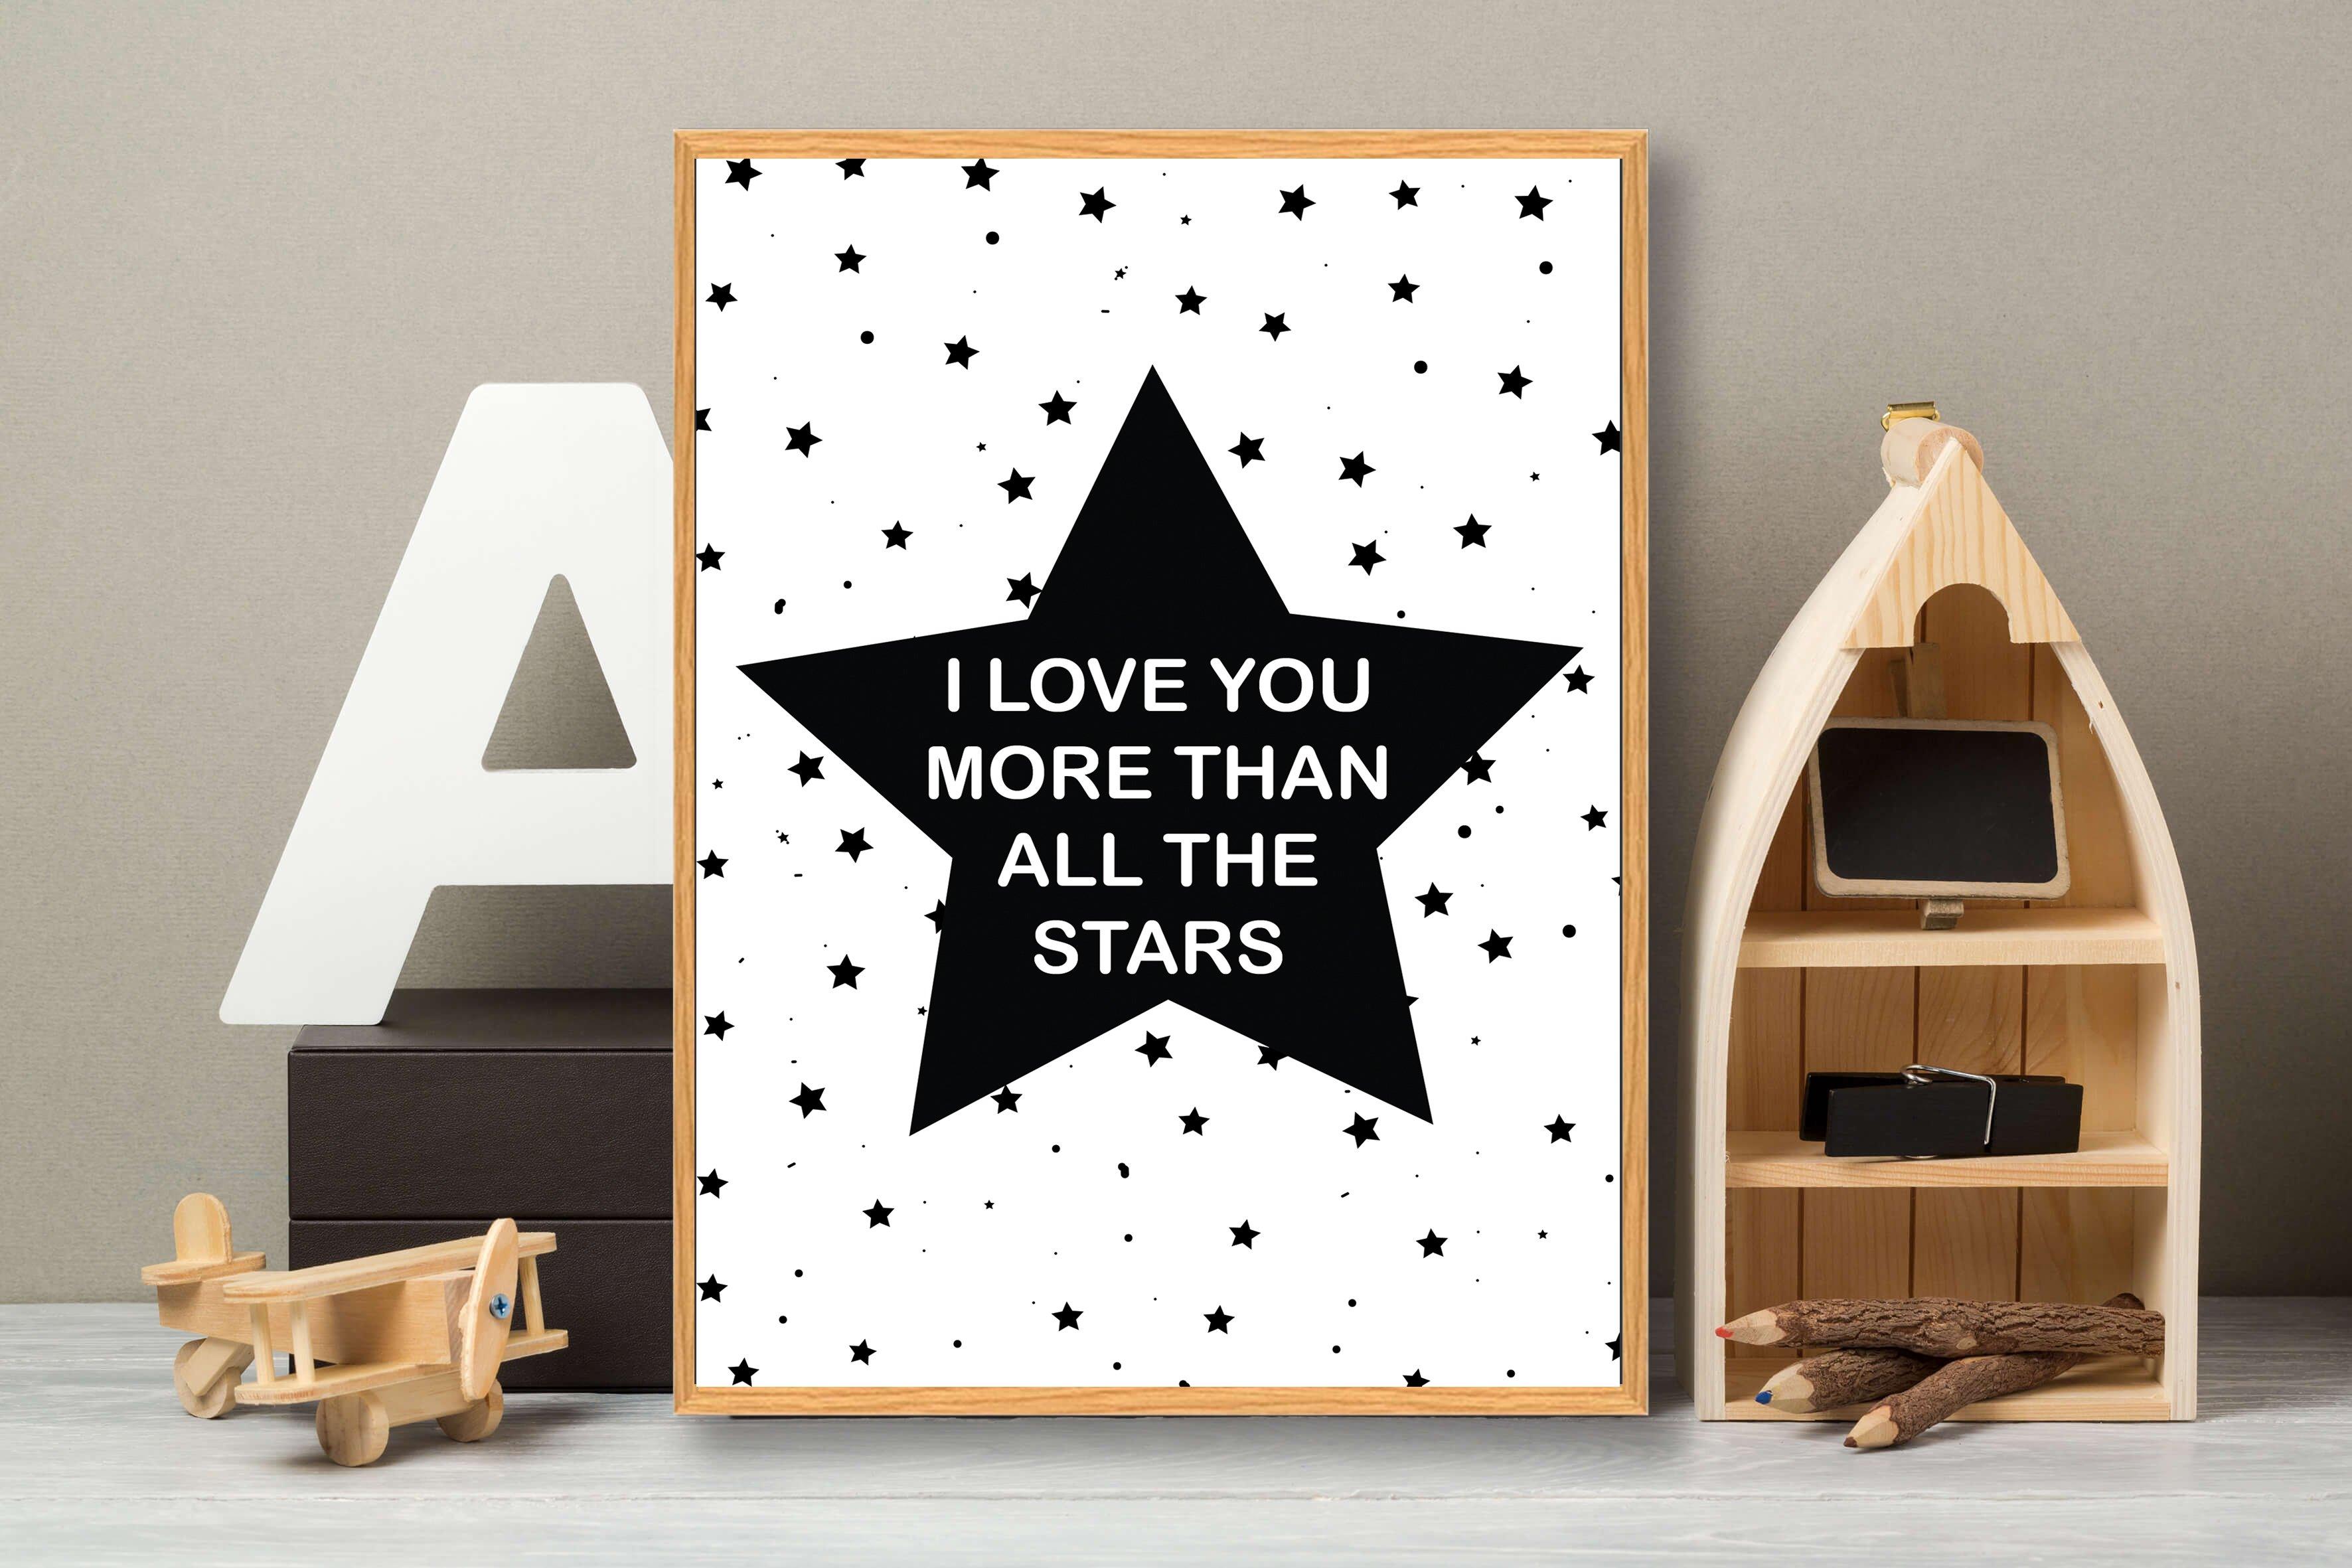 stjerner-kaerlighed-4